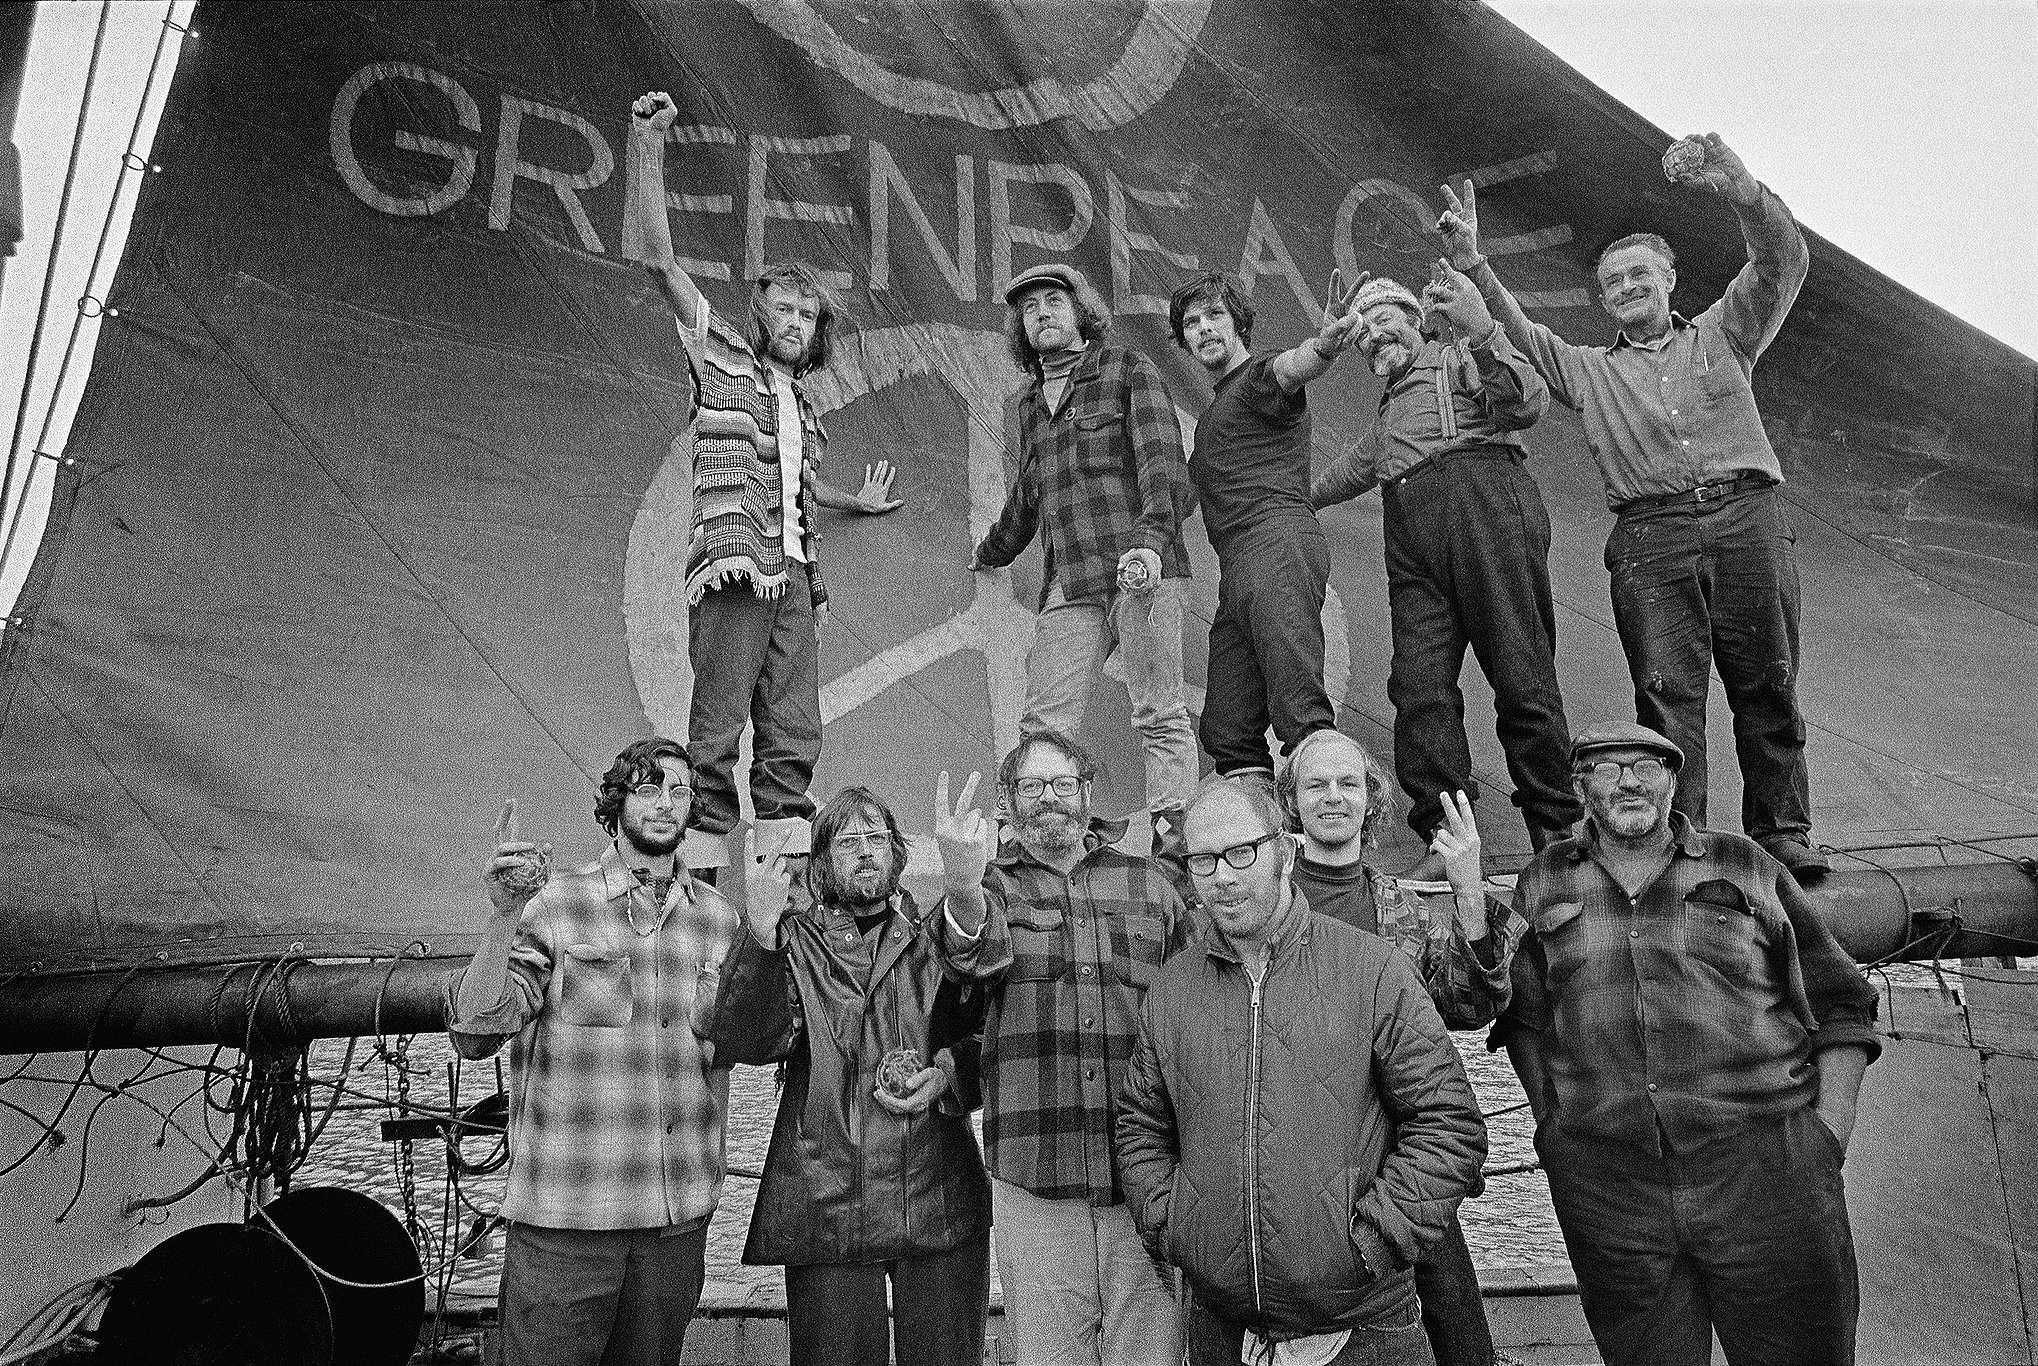 A equipe da primeira viagem realizada pelo Greenpeace a bordo do Phyllis Cormack